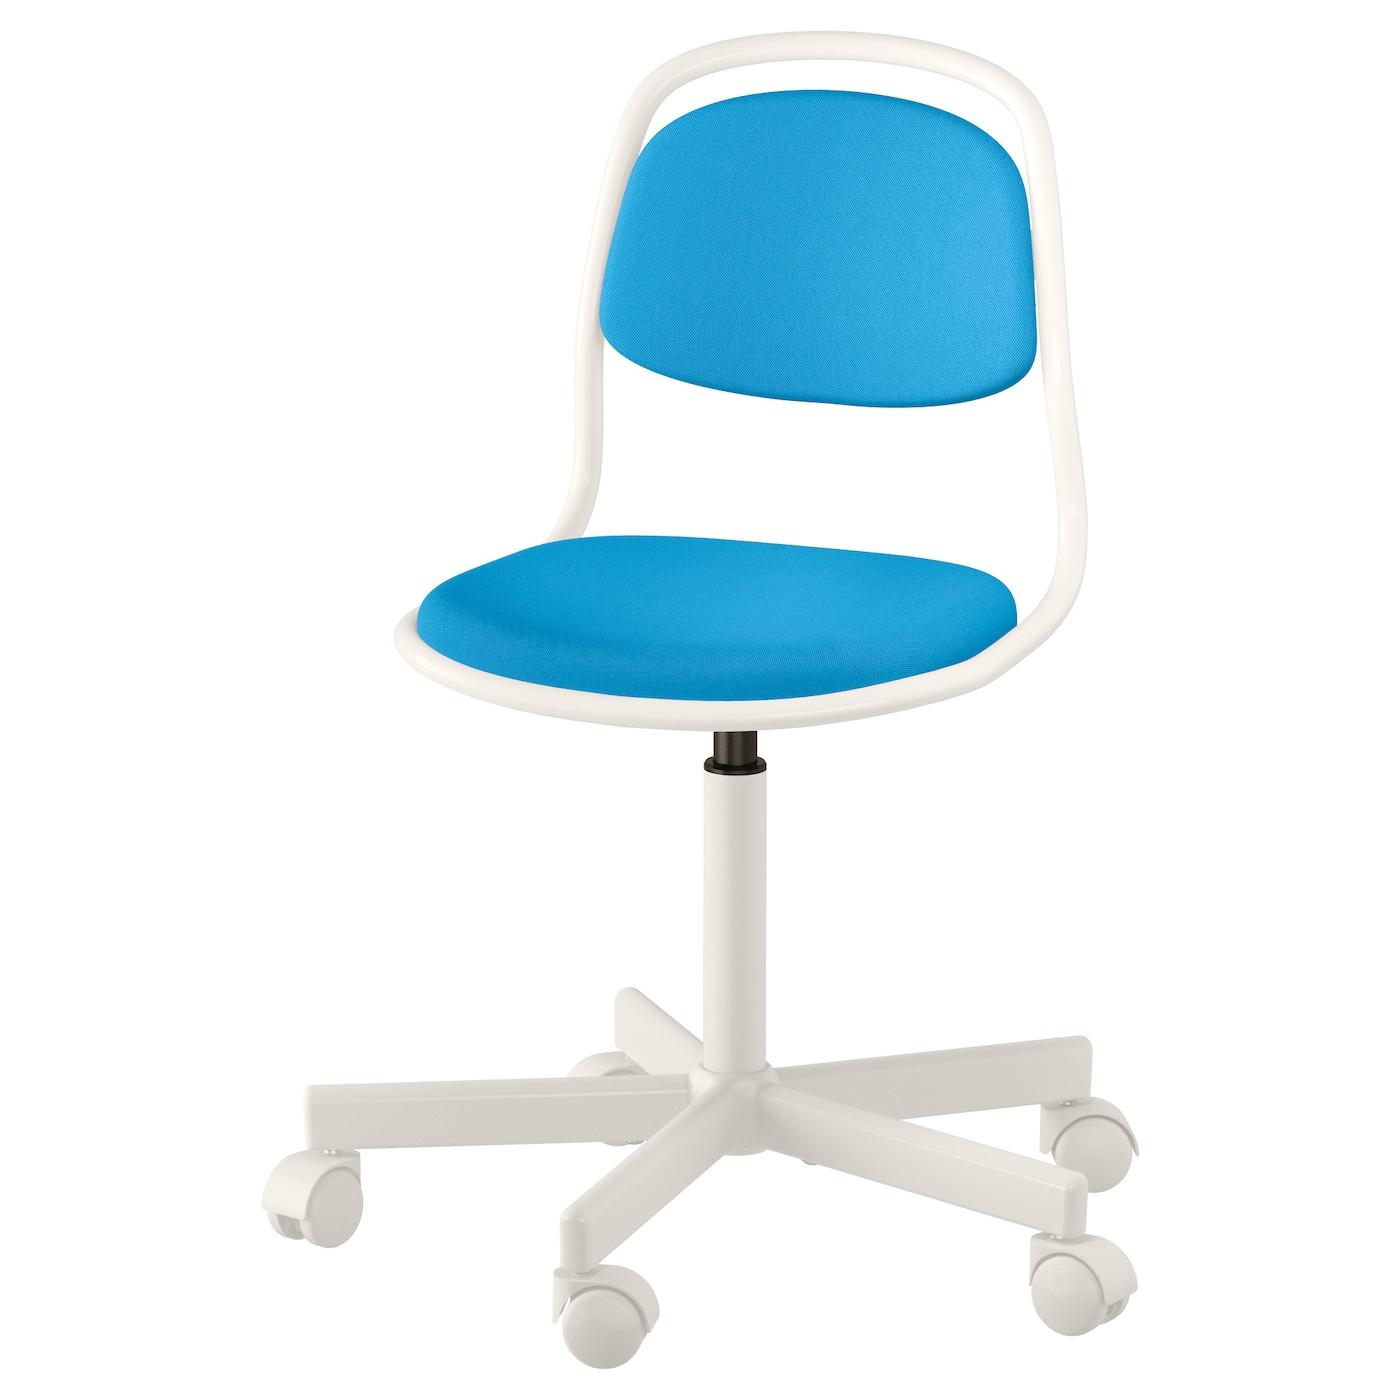 ÖRFJÄLL Silla escritorio niño Blanco/vissle azul vivo - IKEA